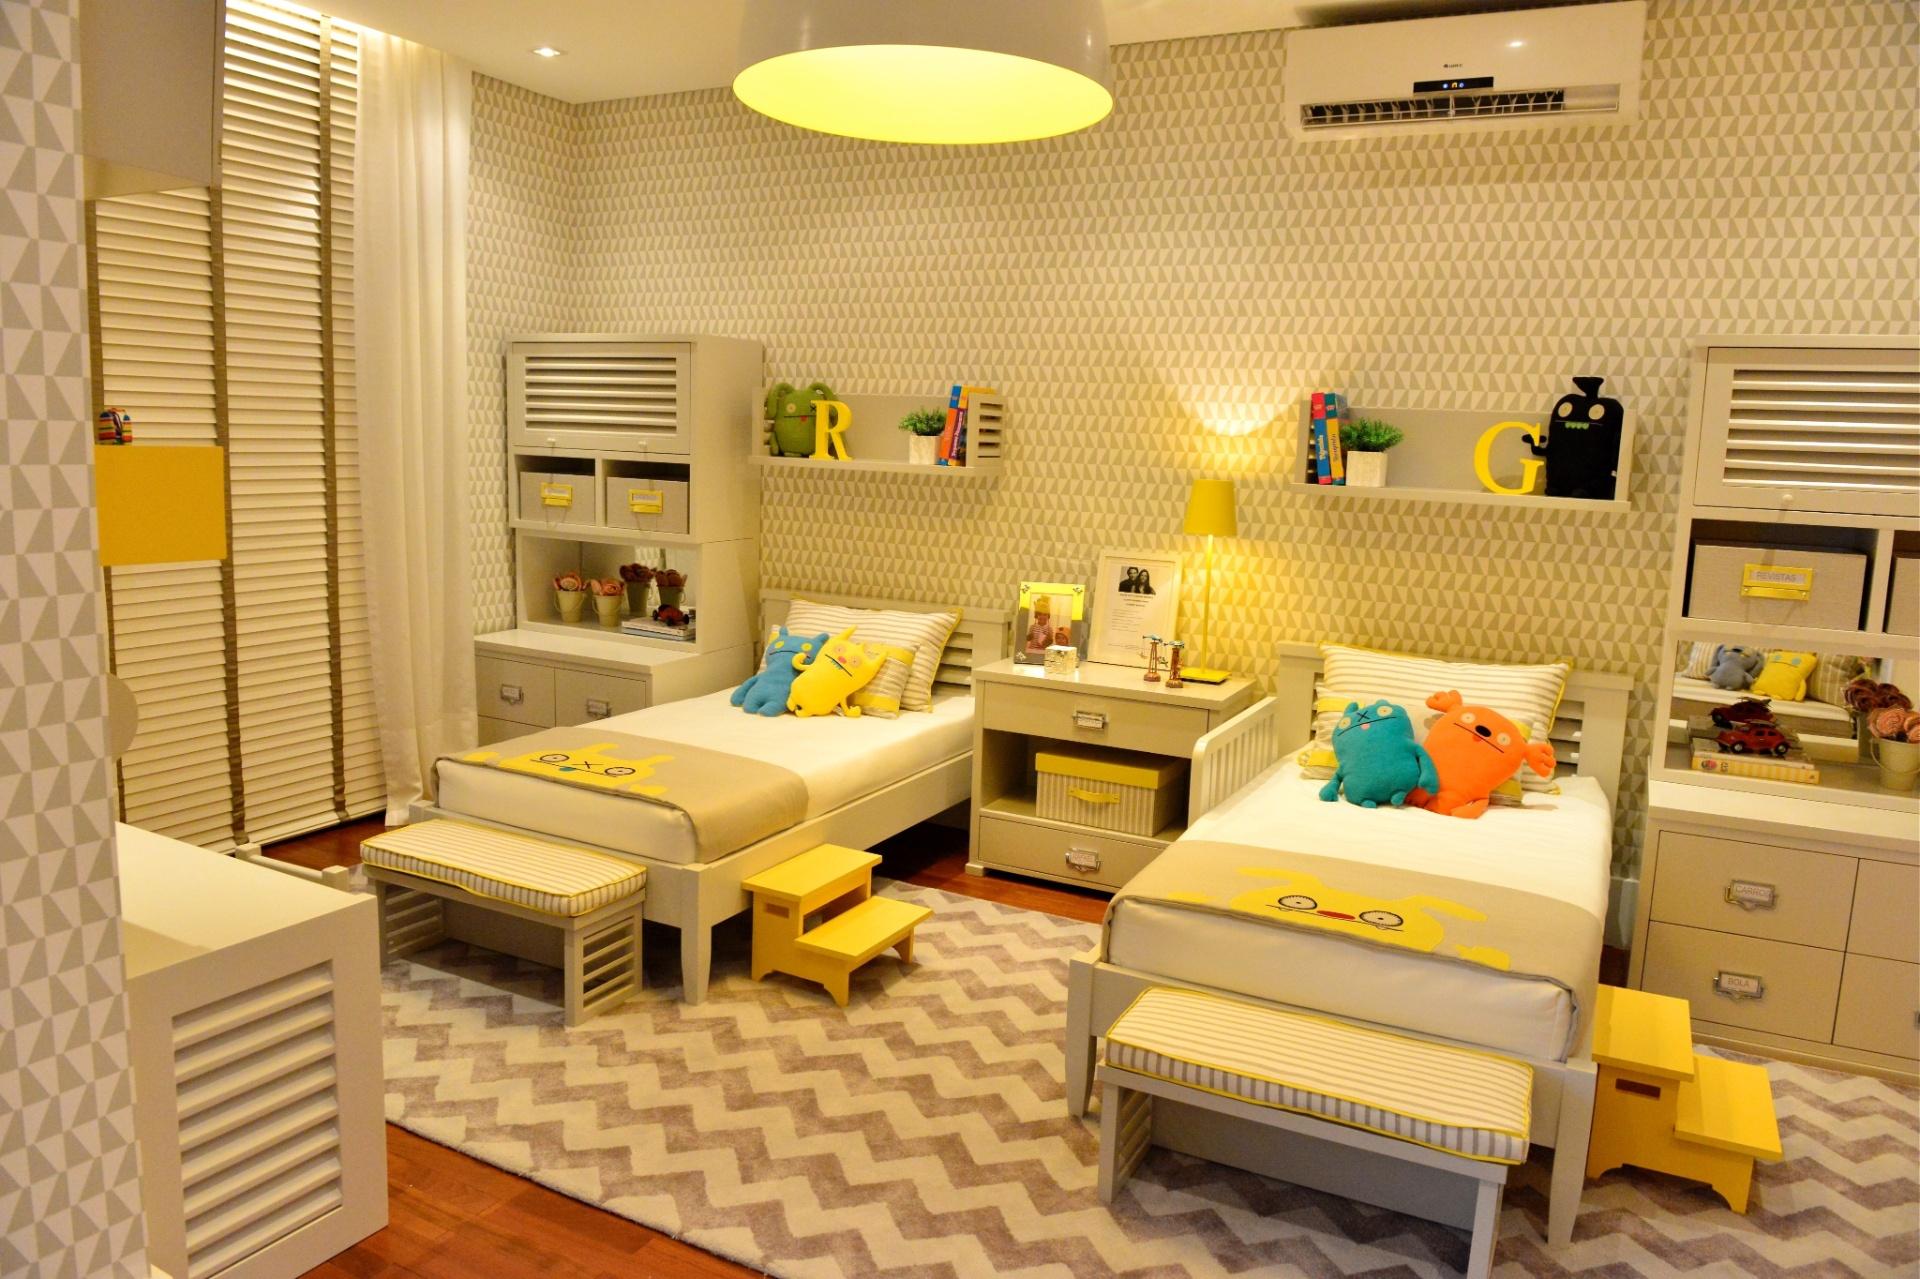 Confira sugestões para decorar o quarto de bebês e crianças BOL  #BD970E 1920x1279